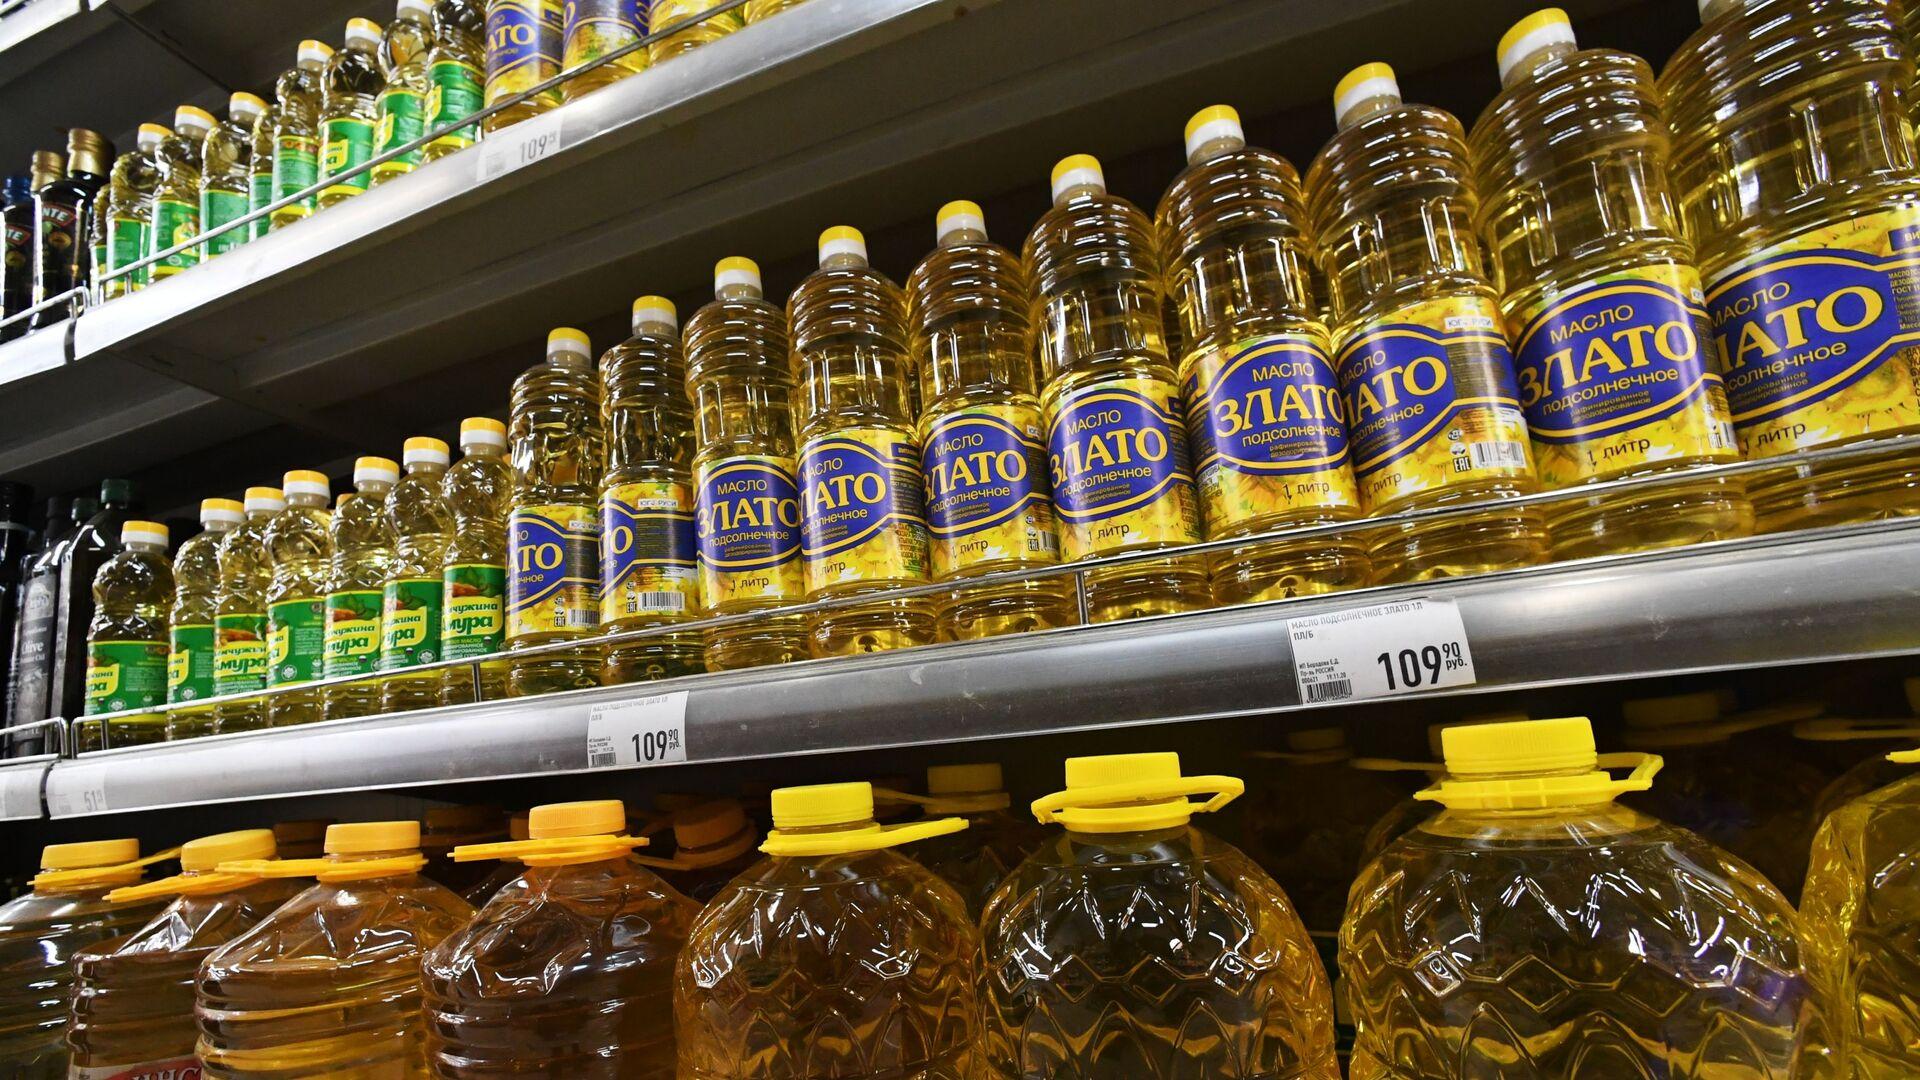 Подсолнечное масло в магазине - Sputnik Грузия, 1920, 02.09.2021